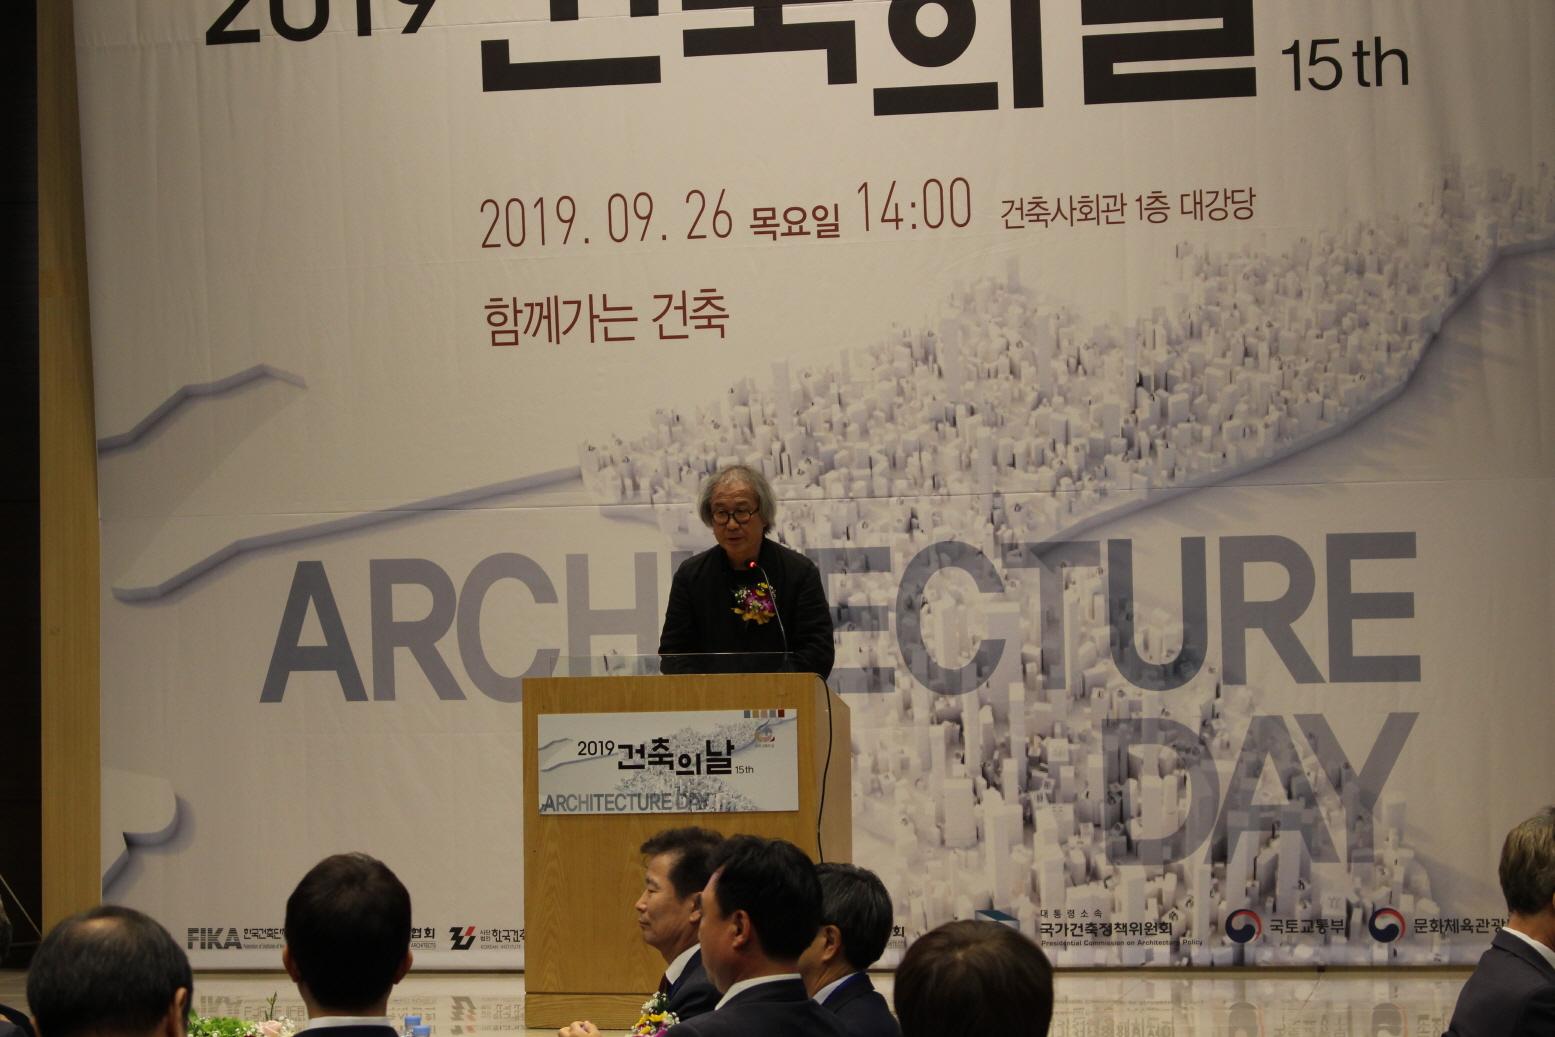 〔ANN의 뉴스 포커스〕 함께 가는 건축을 주제로 열린 2019 건축의 날